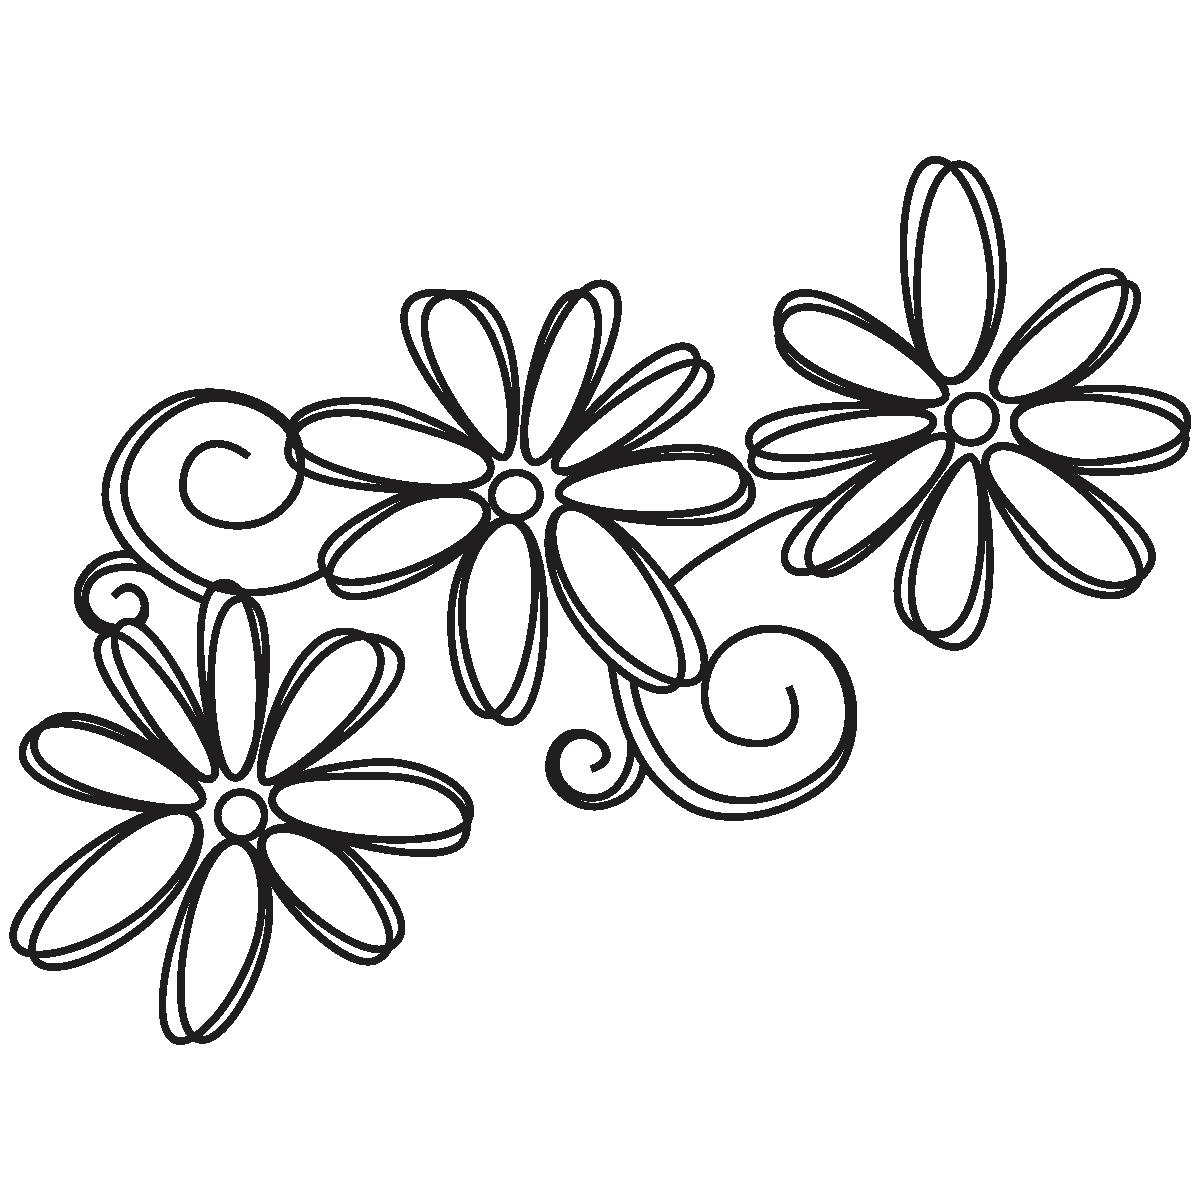 Inicio Desenhos Para Colorir De Flores E Imprimir Melhores Casas